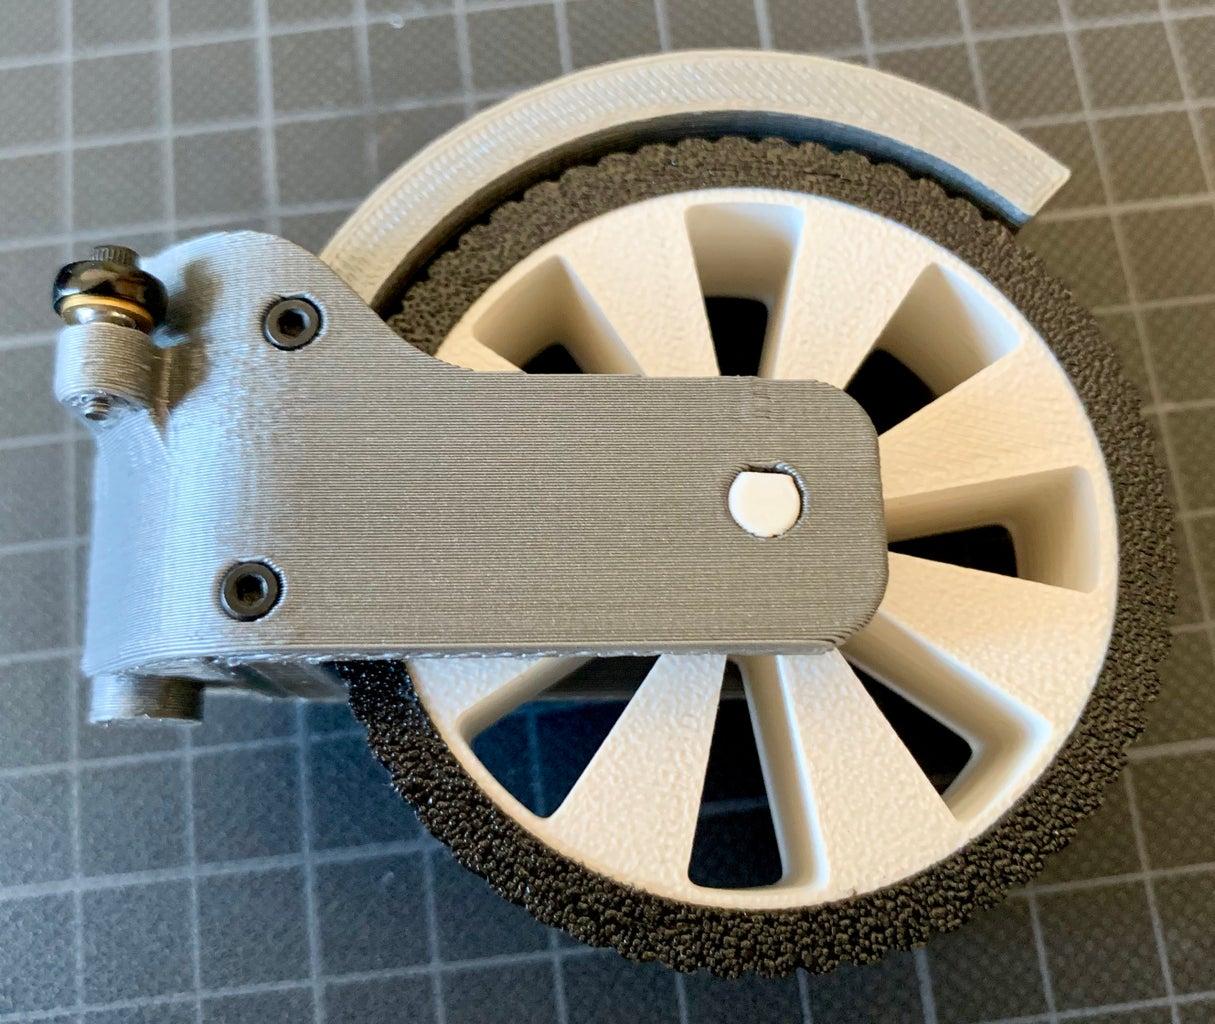 Rear Wheel Attachment